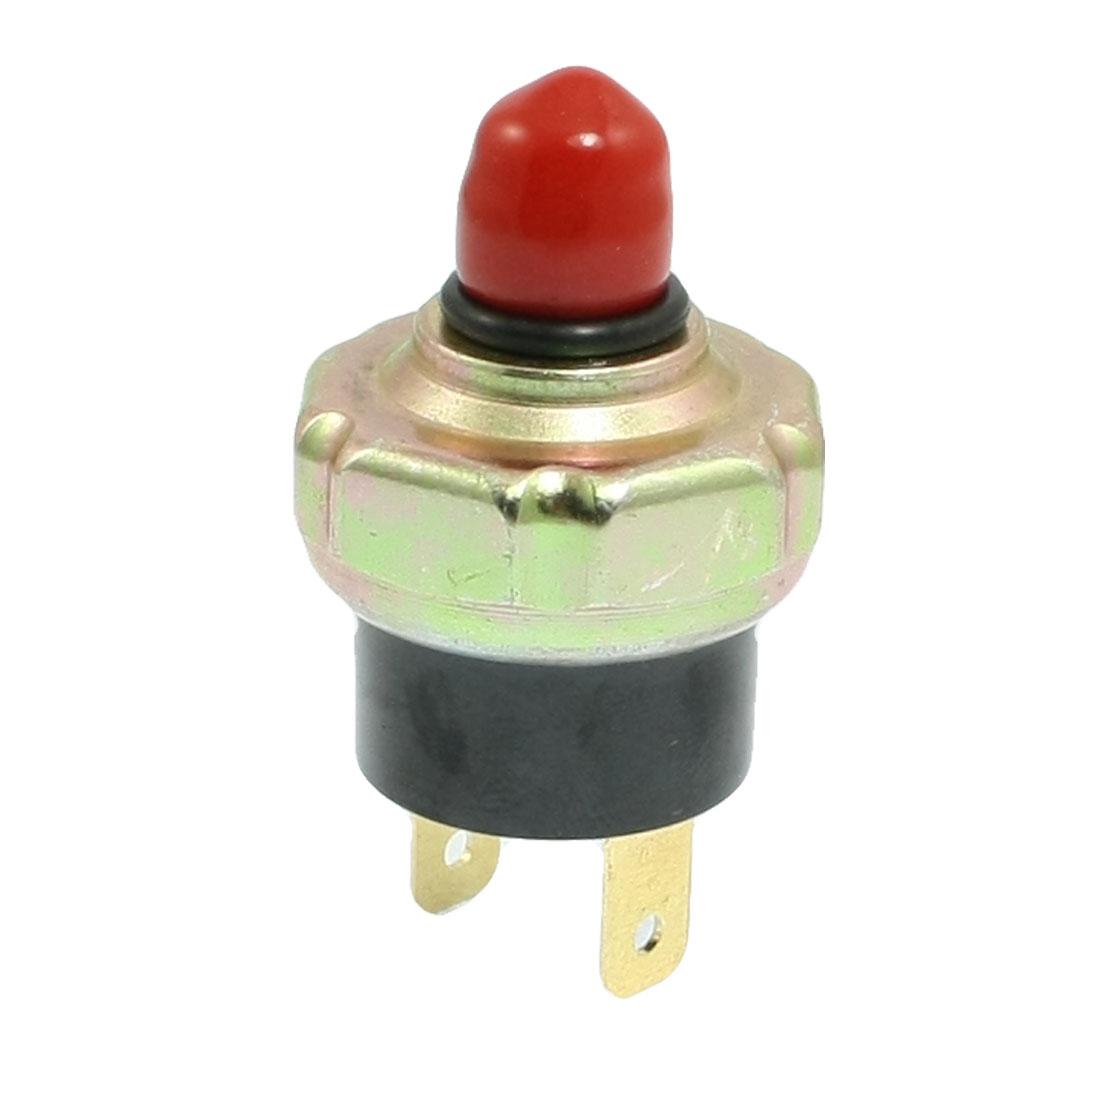 Replacement Car Auto Air Conditioner 2 Terminals Pressure Valve